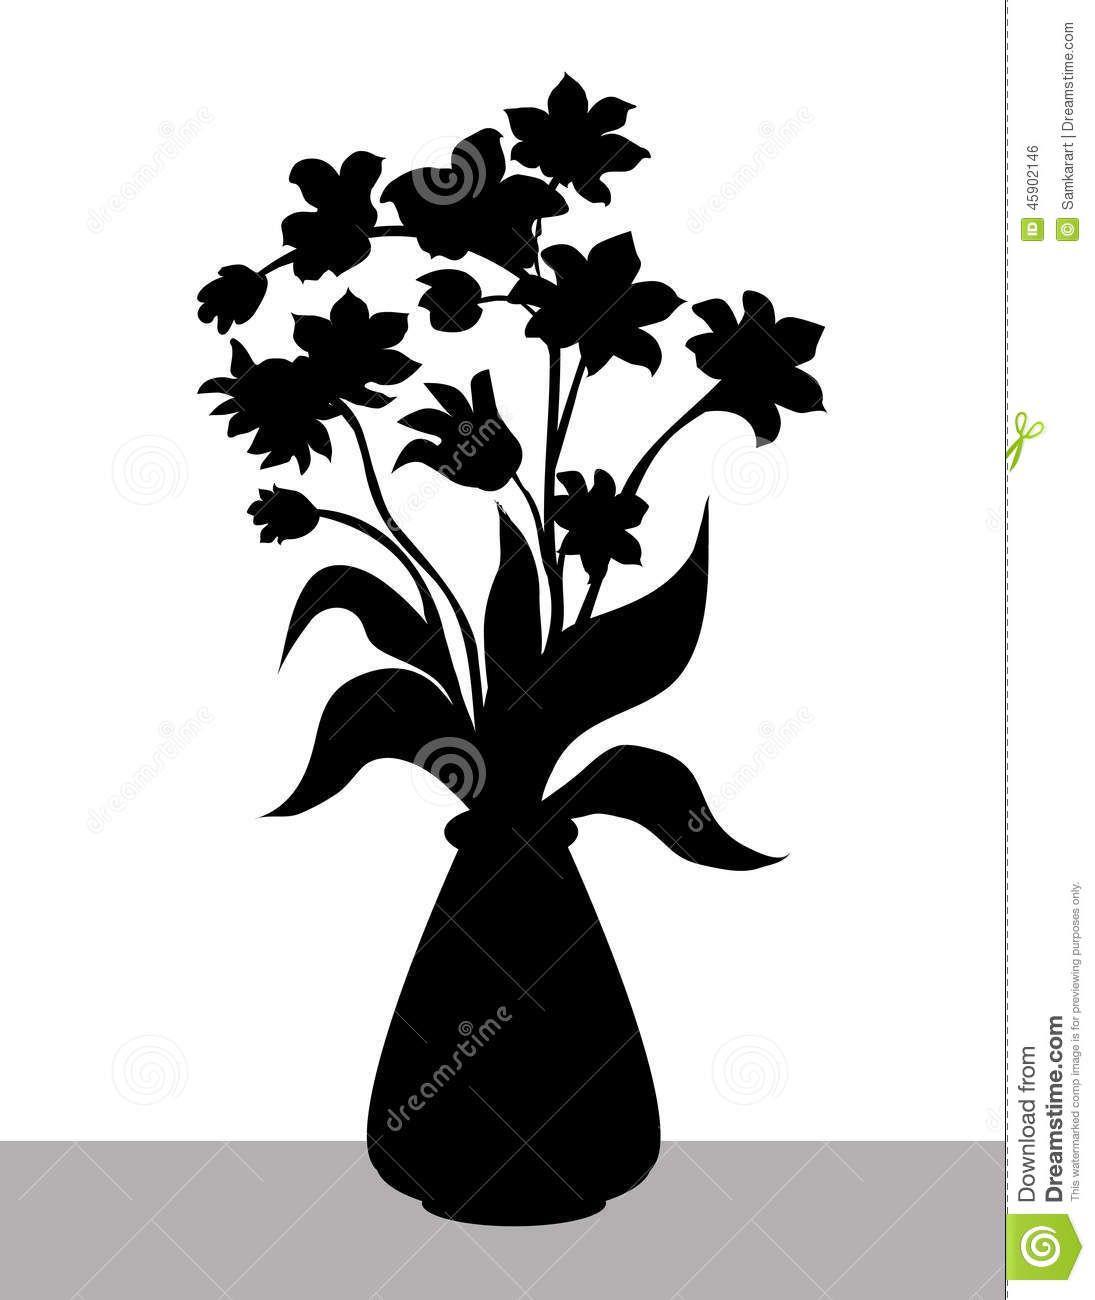 Flowervasesilhouettevectorillustrationg